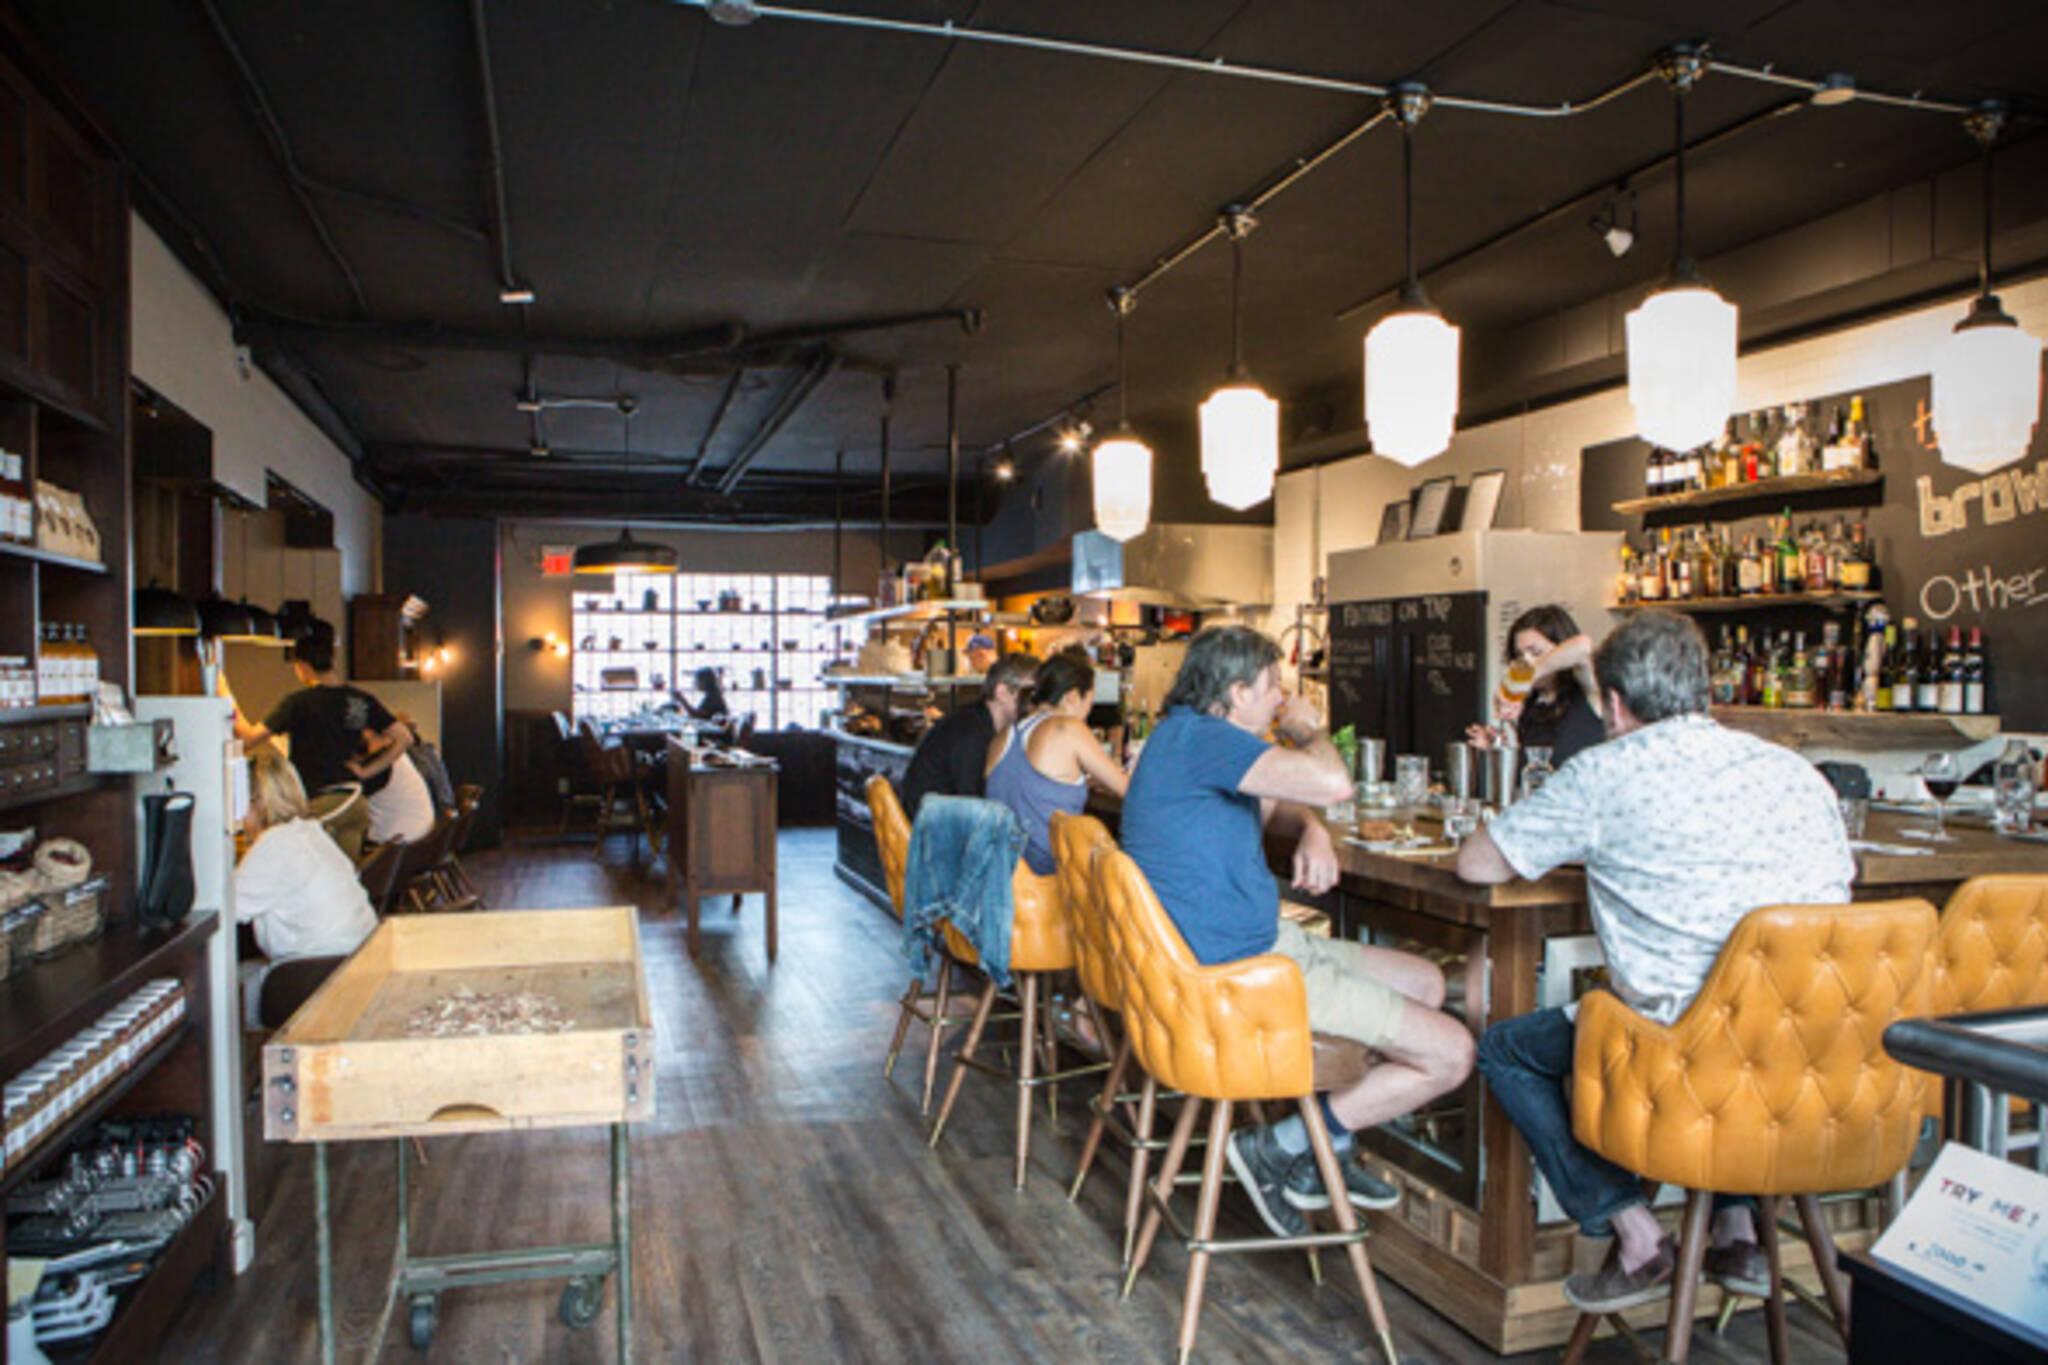 Barque Butcher Bar Toronto